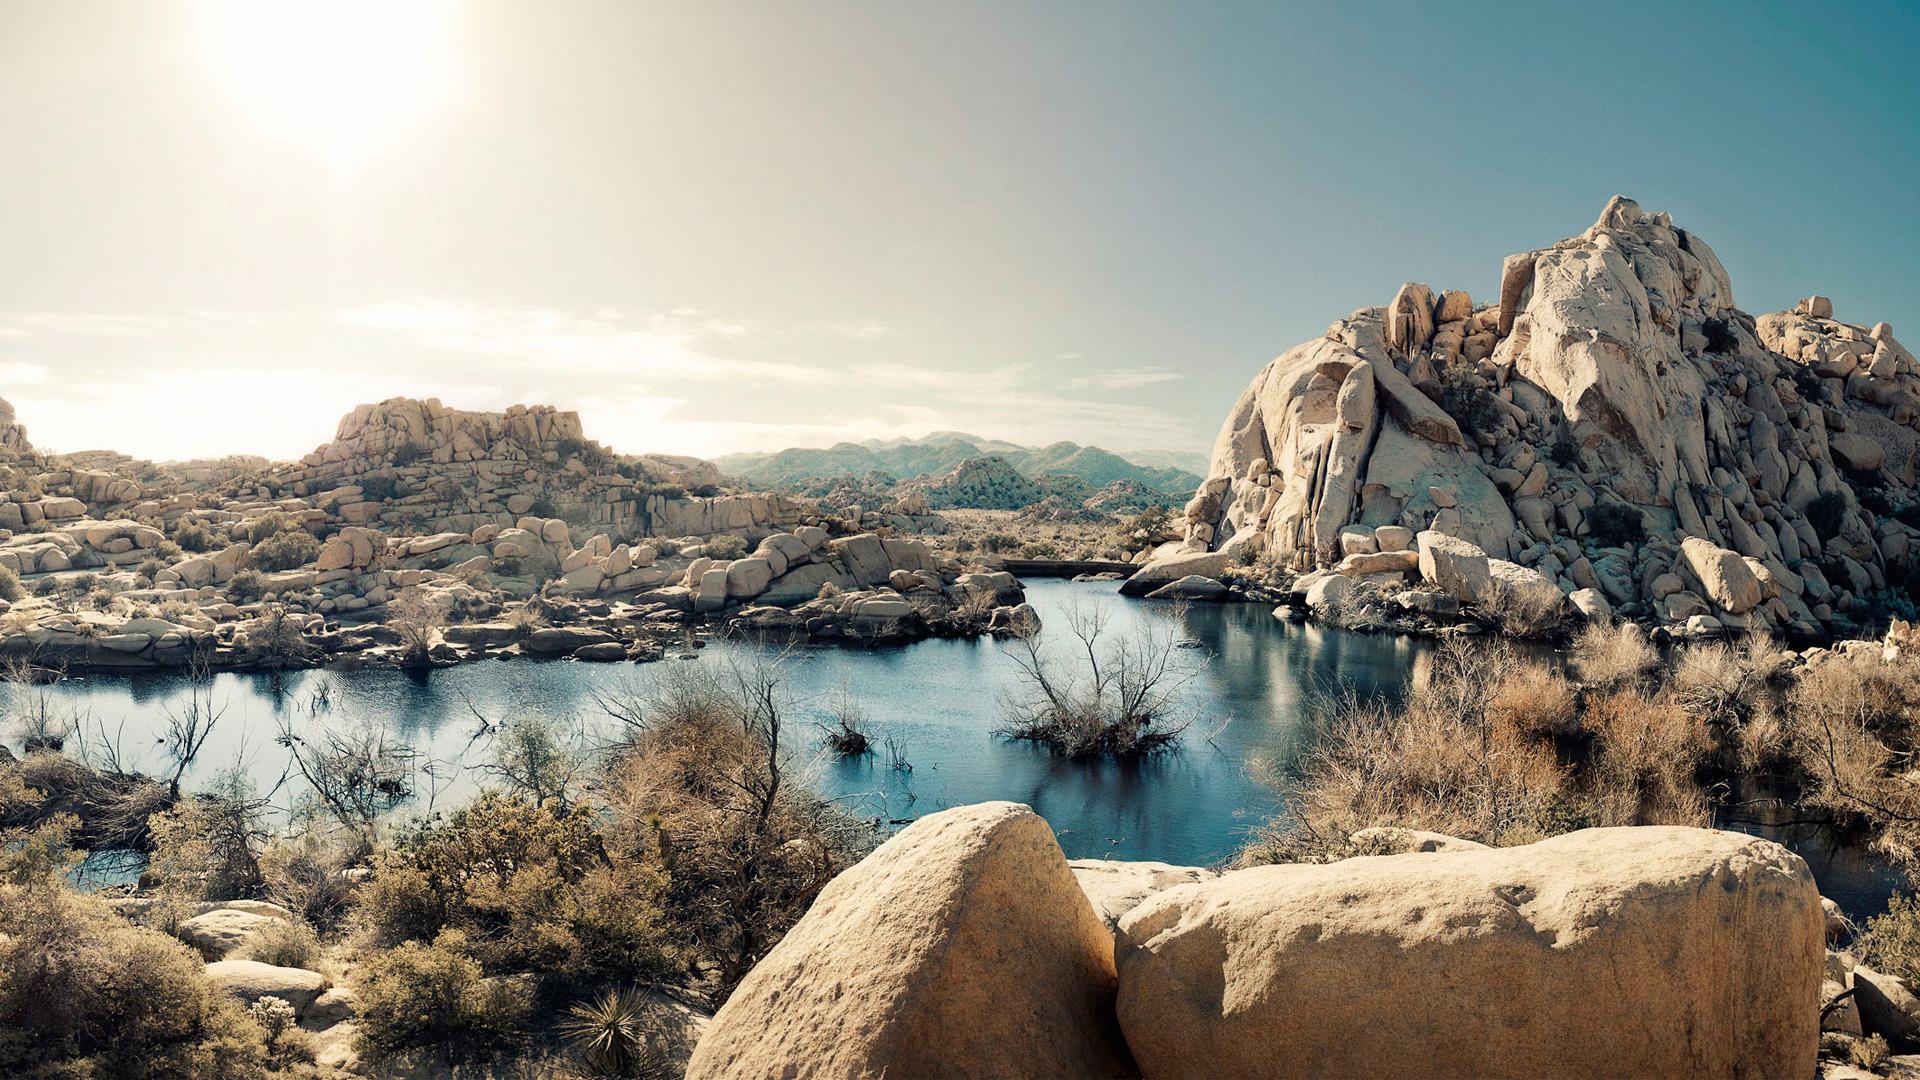 Рок пустыни образований озеро национальный парк Калифорния США. обои скачать